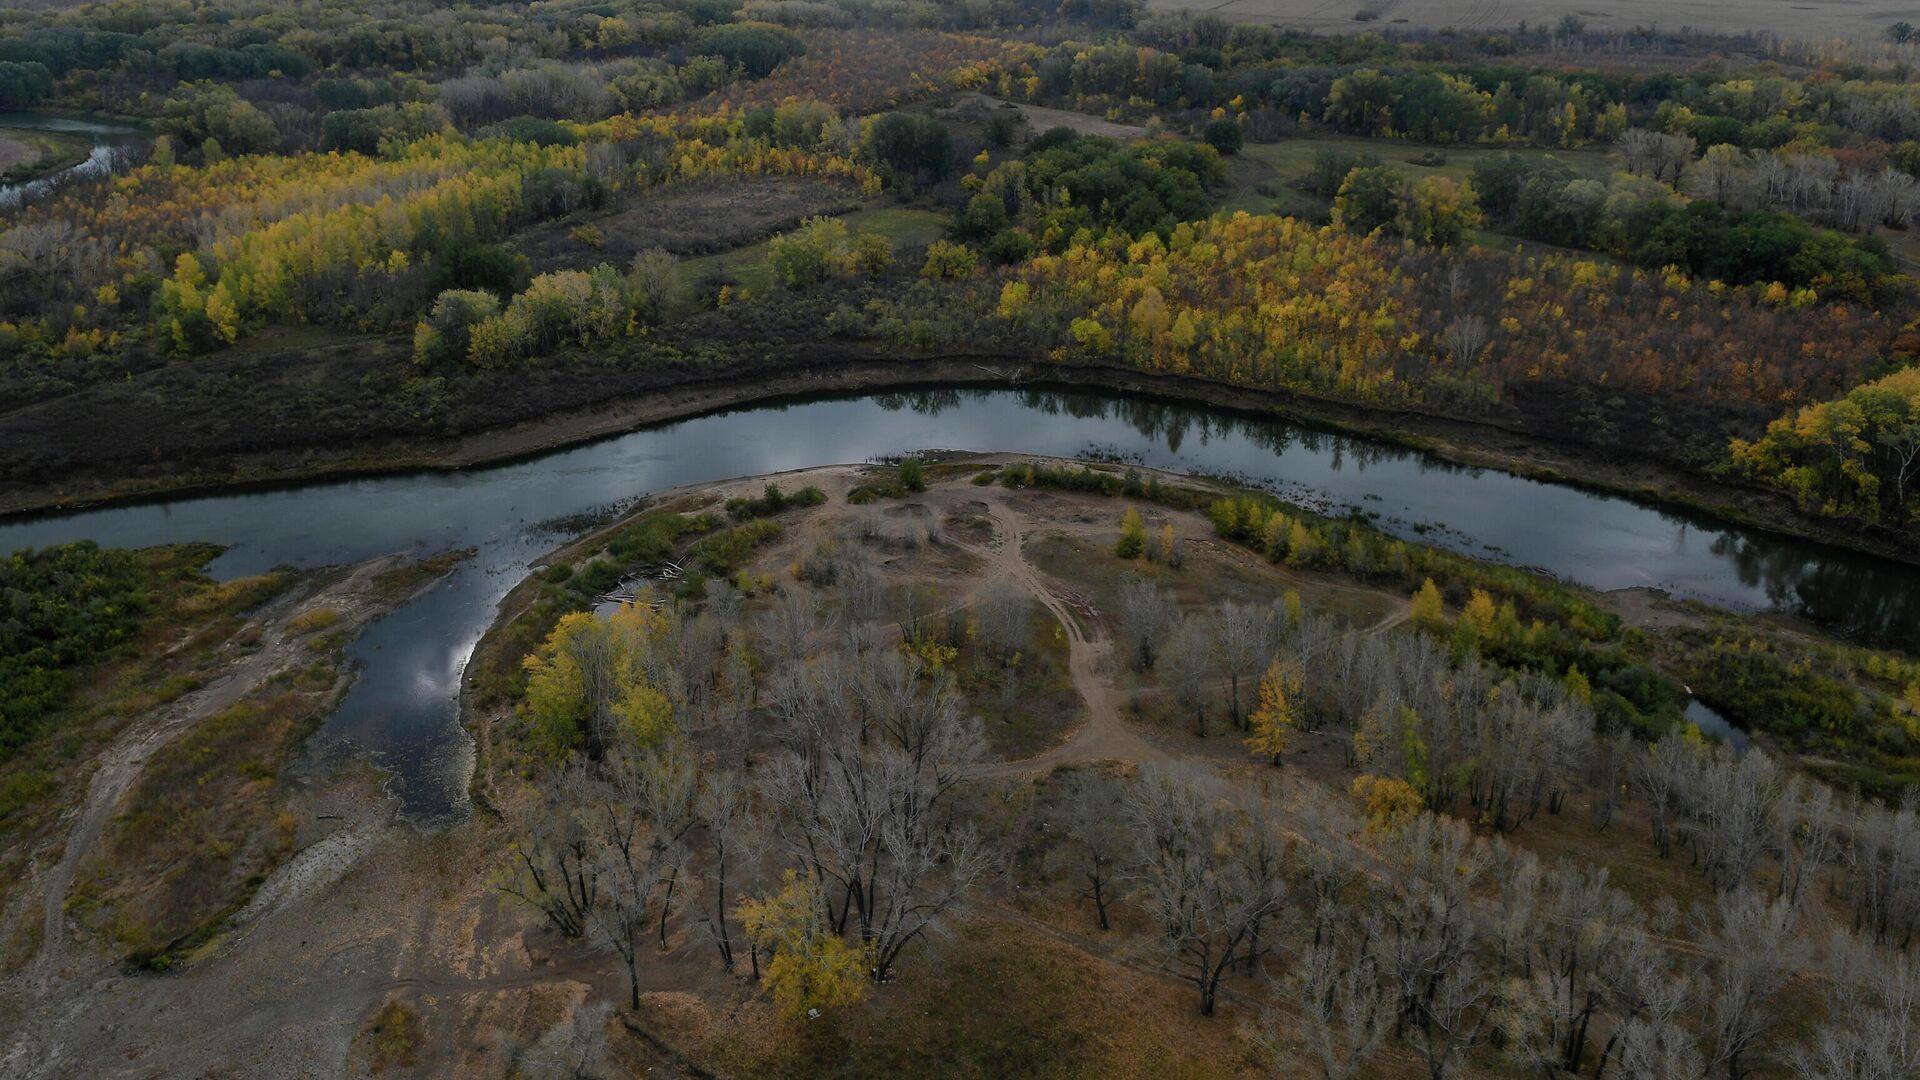 Осенний пейзаж в окрестностях Оренбурга - РИА Новости, 1920, 13.09.2021